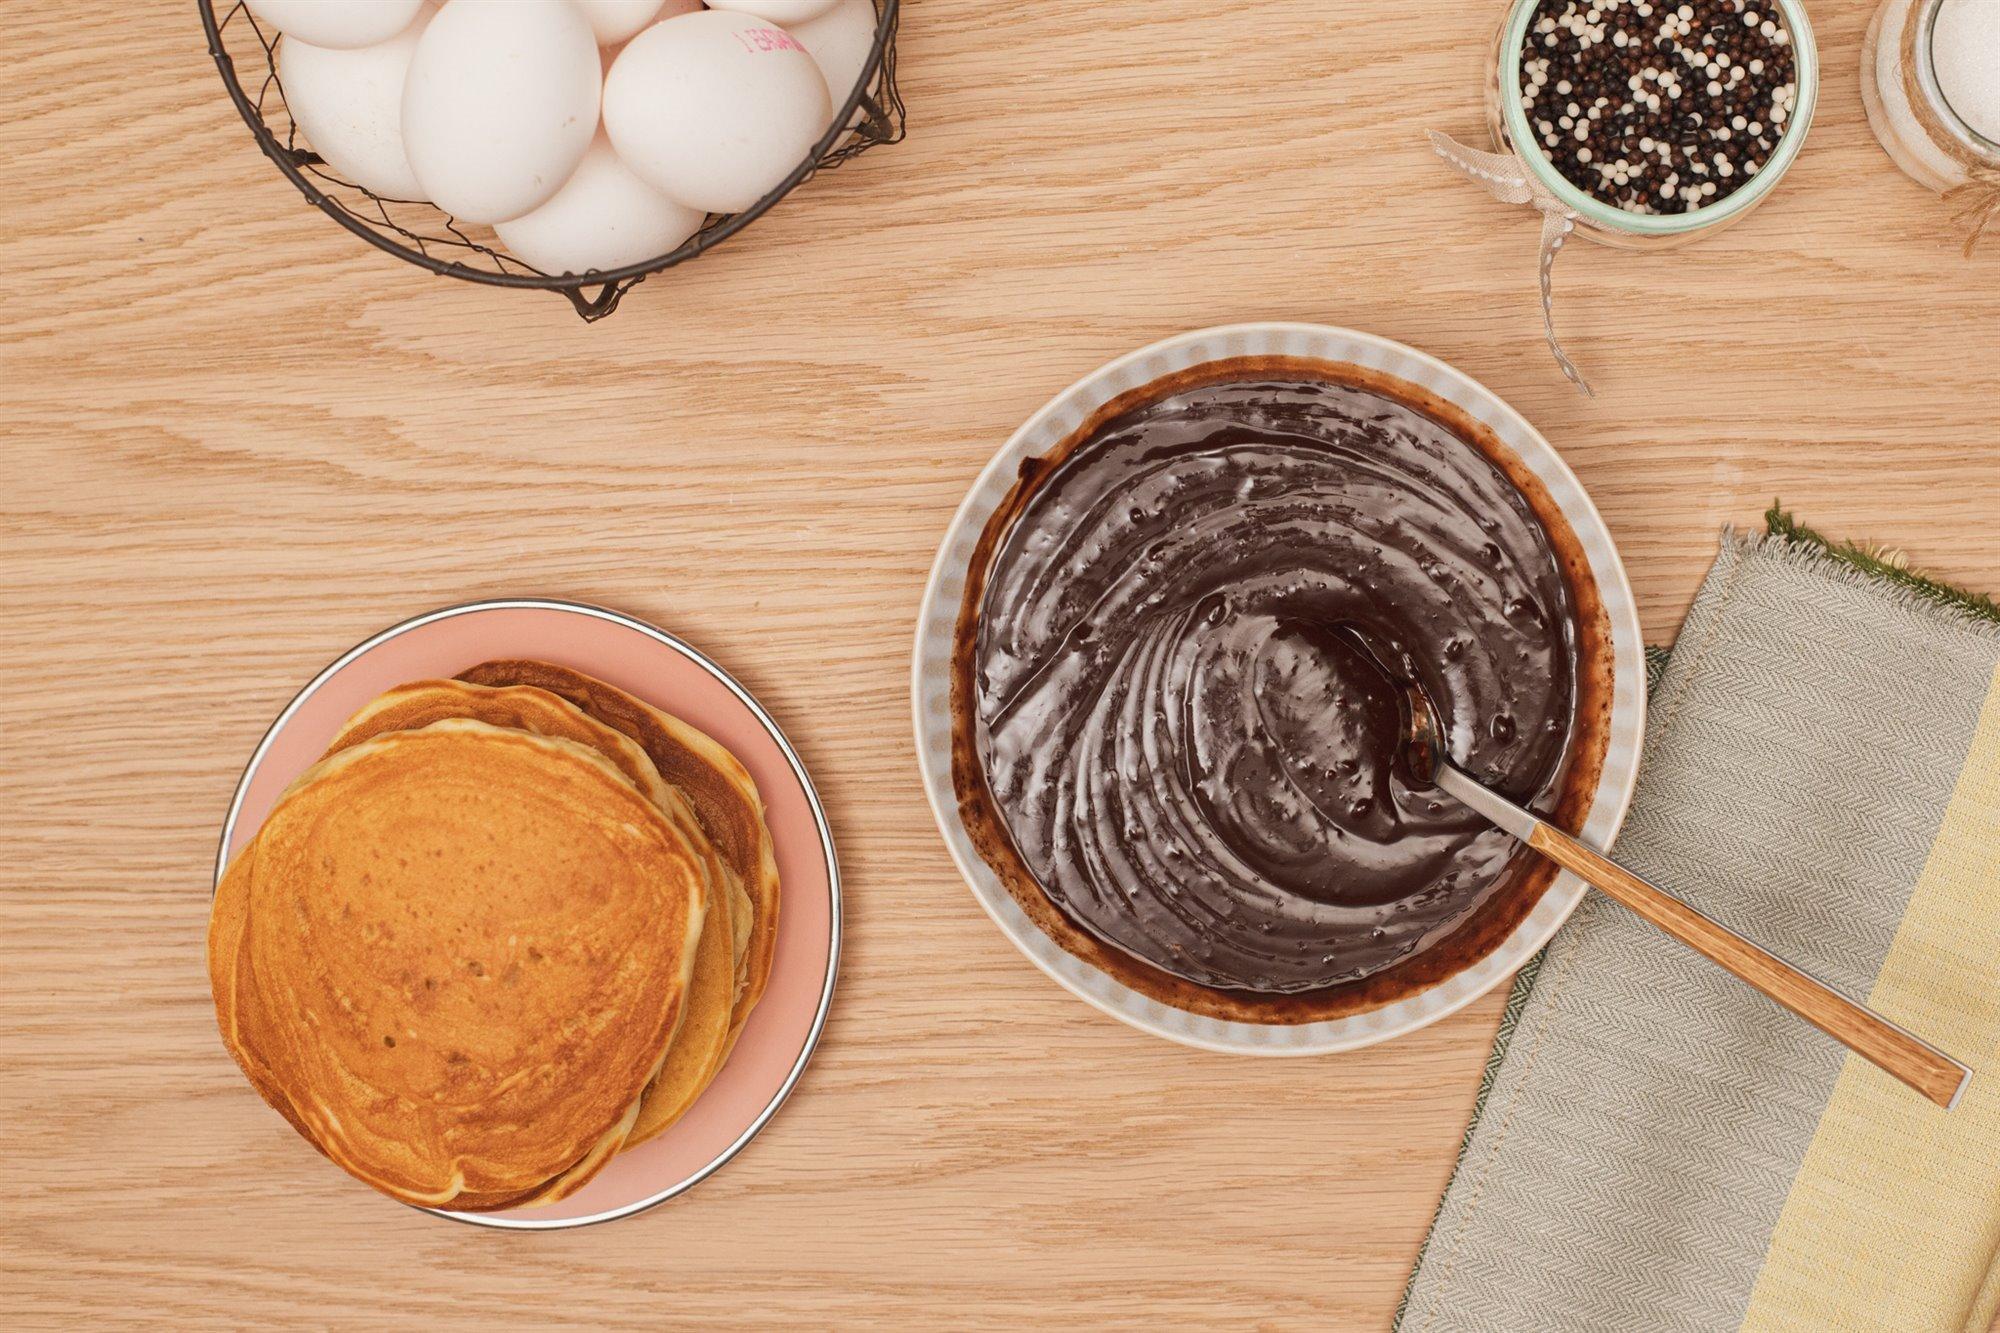 11. Remueve el chocolate